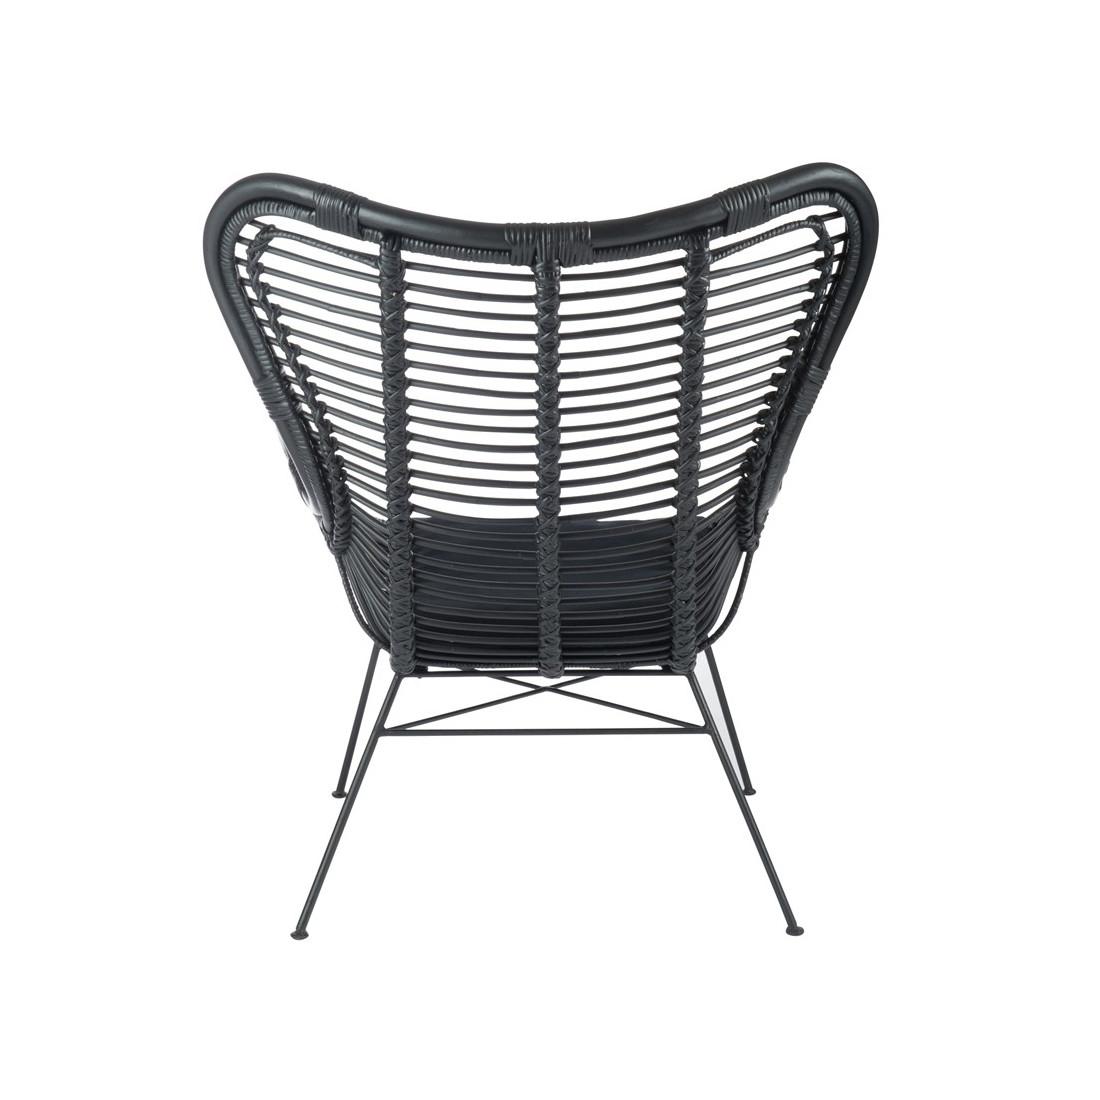 fauteuil robuste en rotin noir kohtao univers du salon et assises